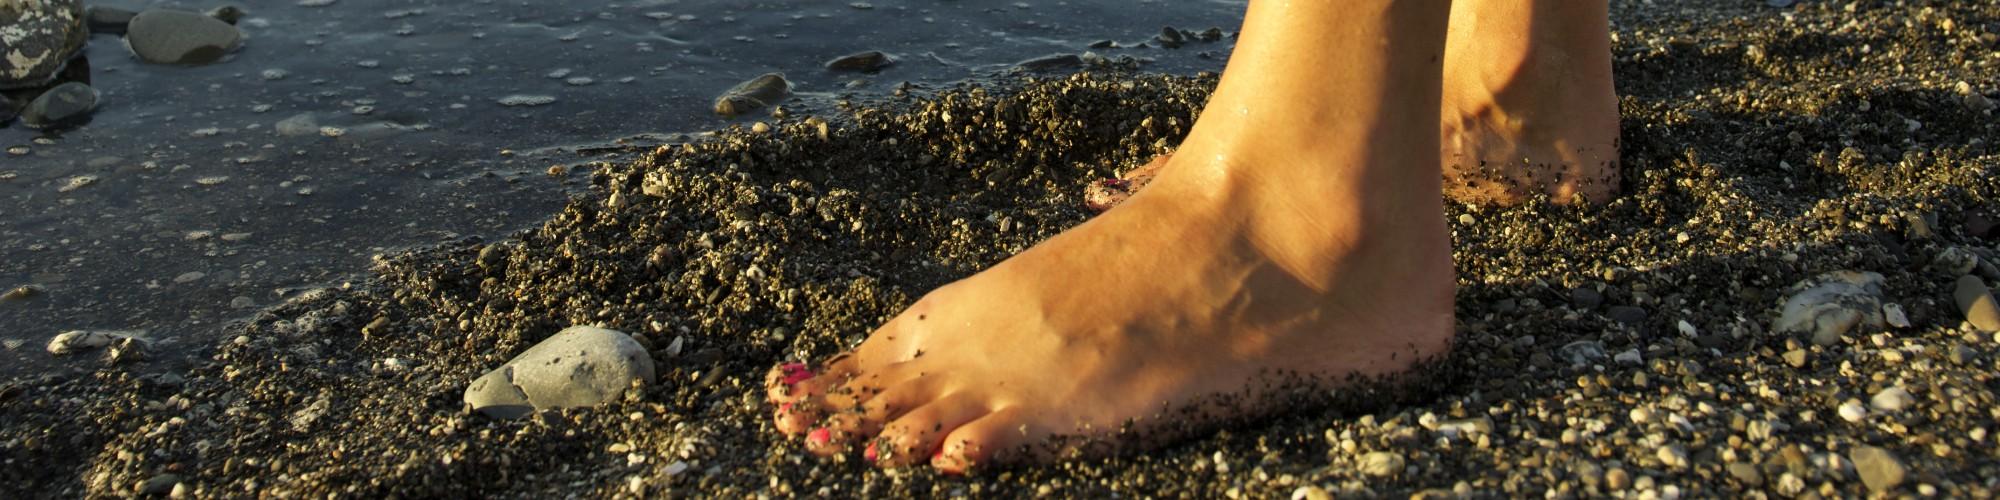 Pieds nus sur la plage, jeune garçon faisant du kayak de mer